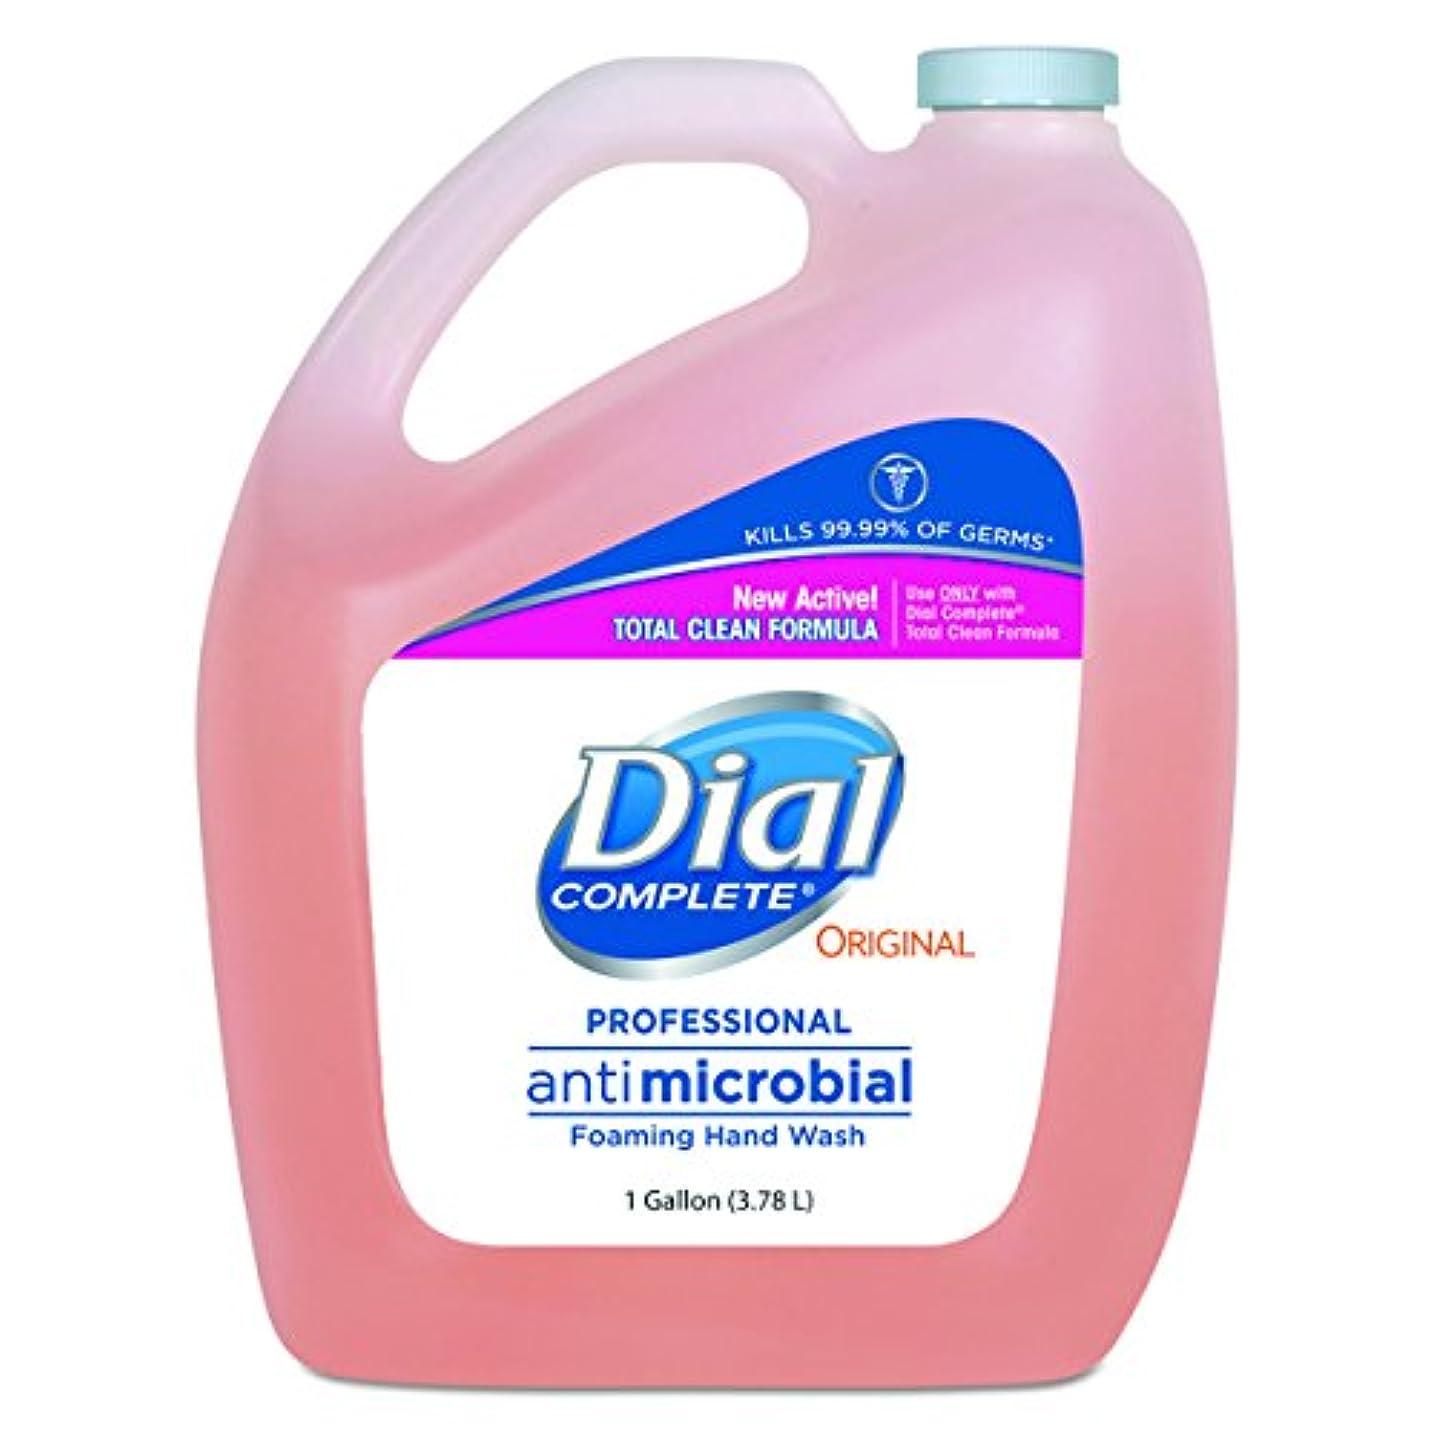 飼料ジュニア仲良しダイヤルProfessional抗菌Foaming Hand Soap、元香り, 1 gal。、4 /カートン